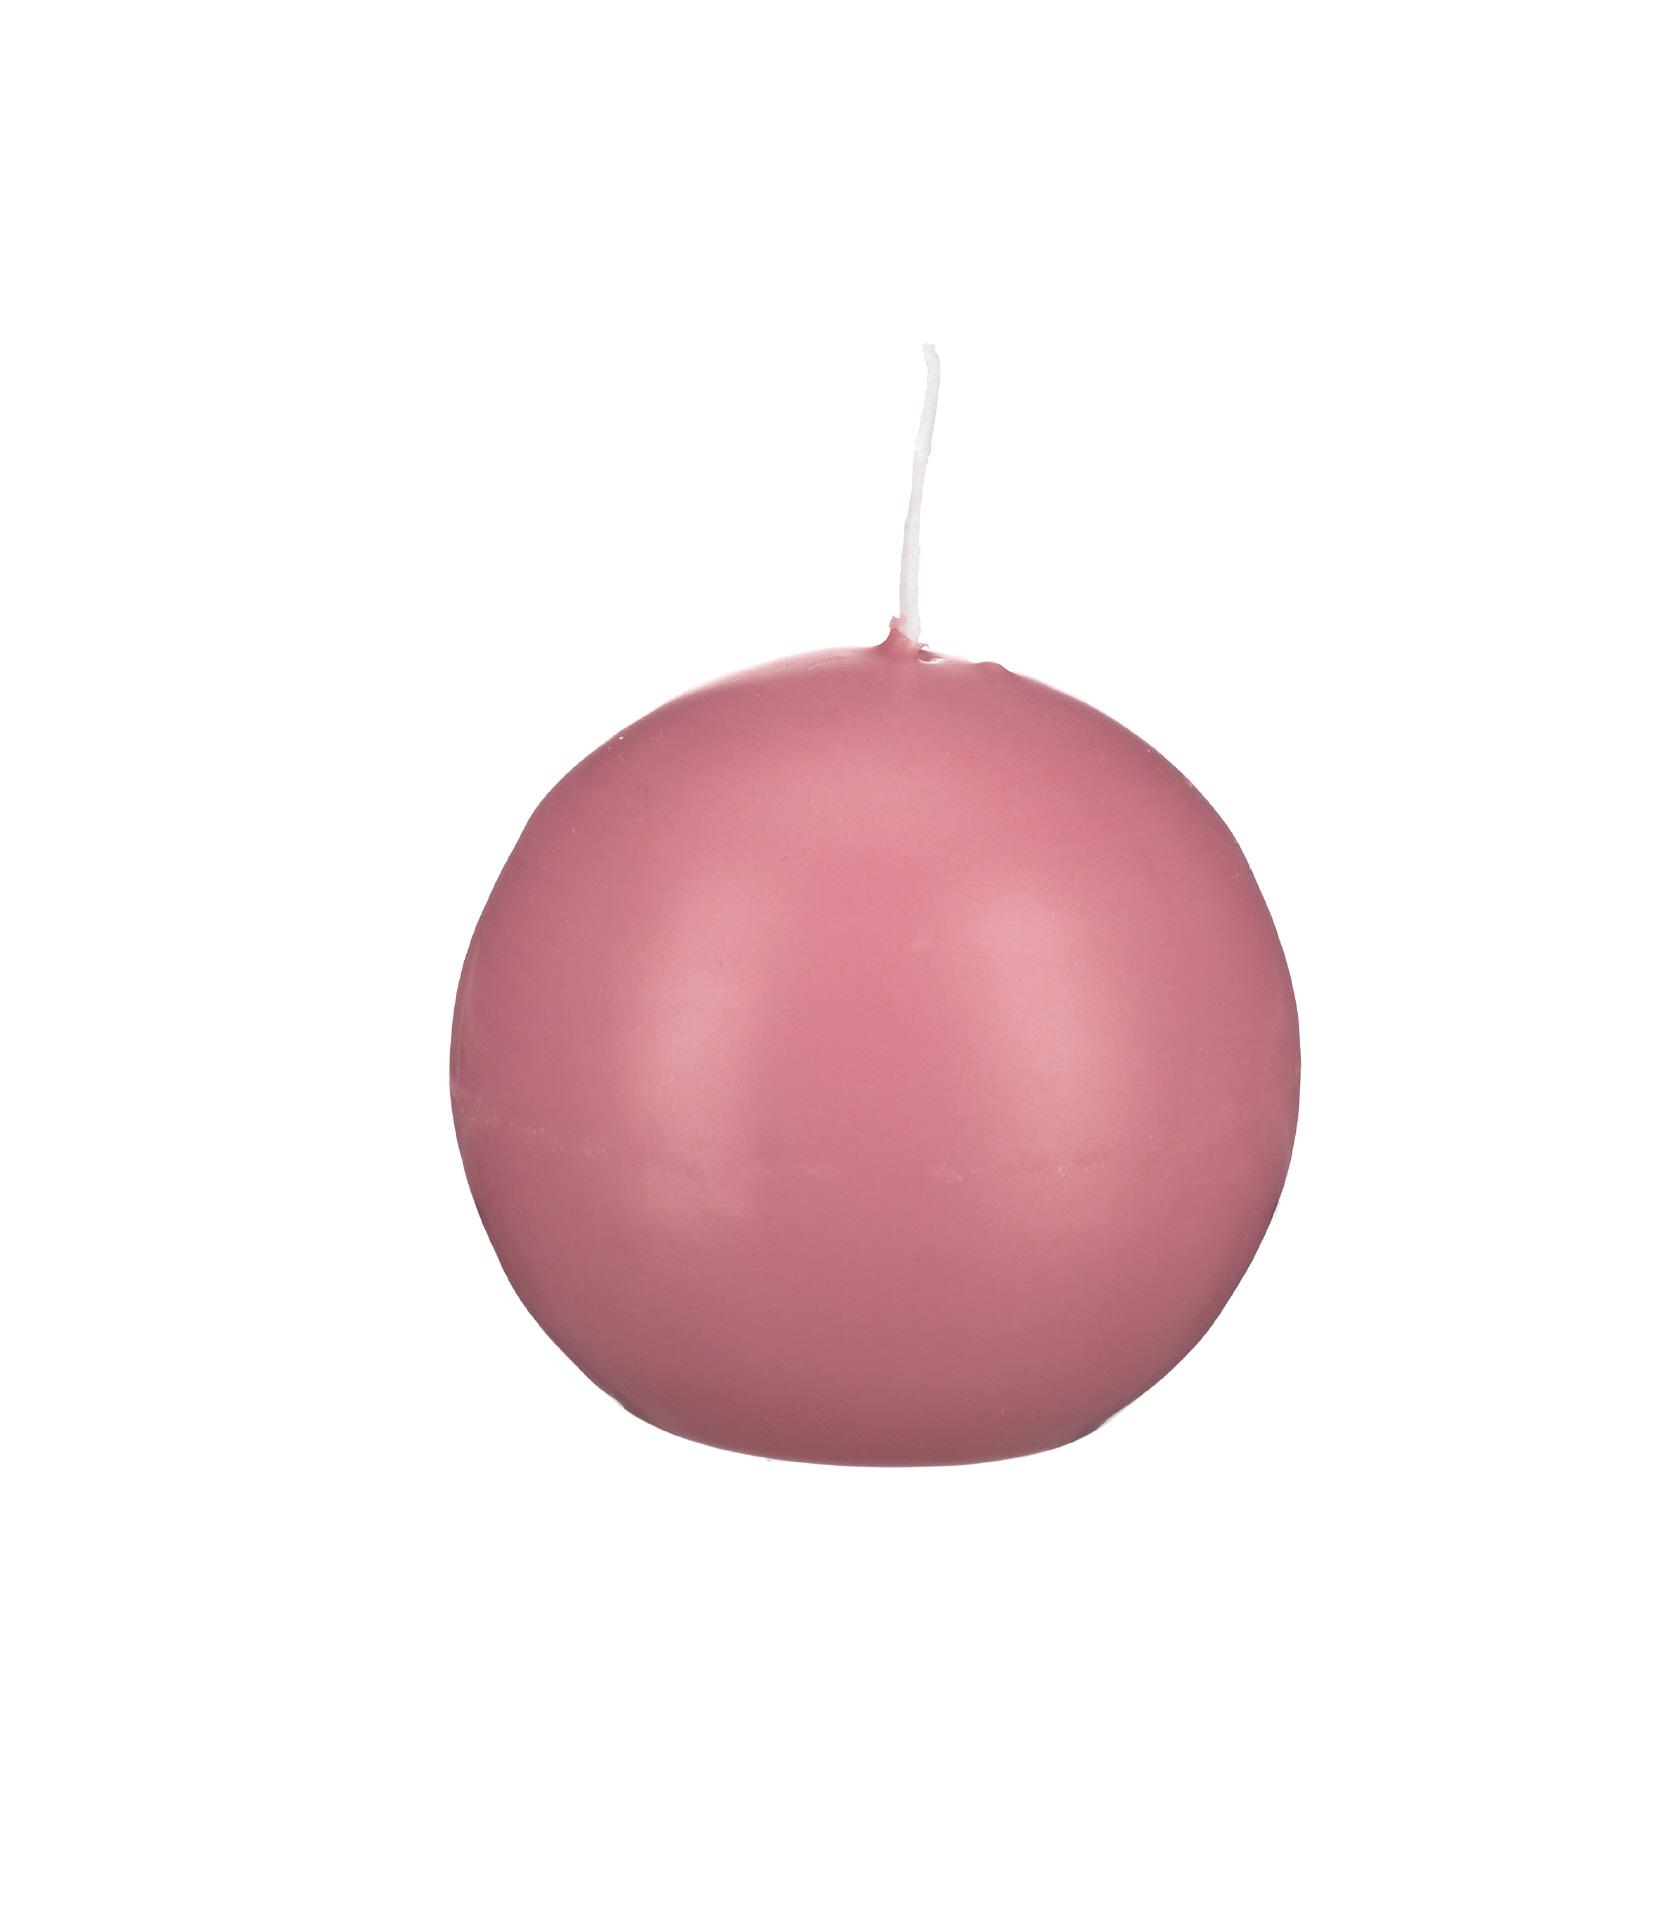 kugelkerzen rosa 70mm inhalt 12 st ck im kerzen shop zu guenstigen preisen kaufen. Black Bedroom Furniture Sets. Home Design Ideas